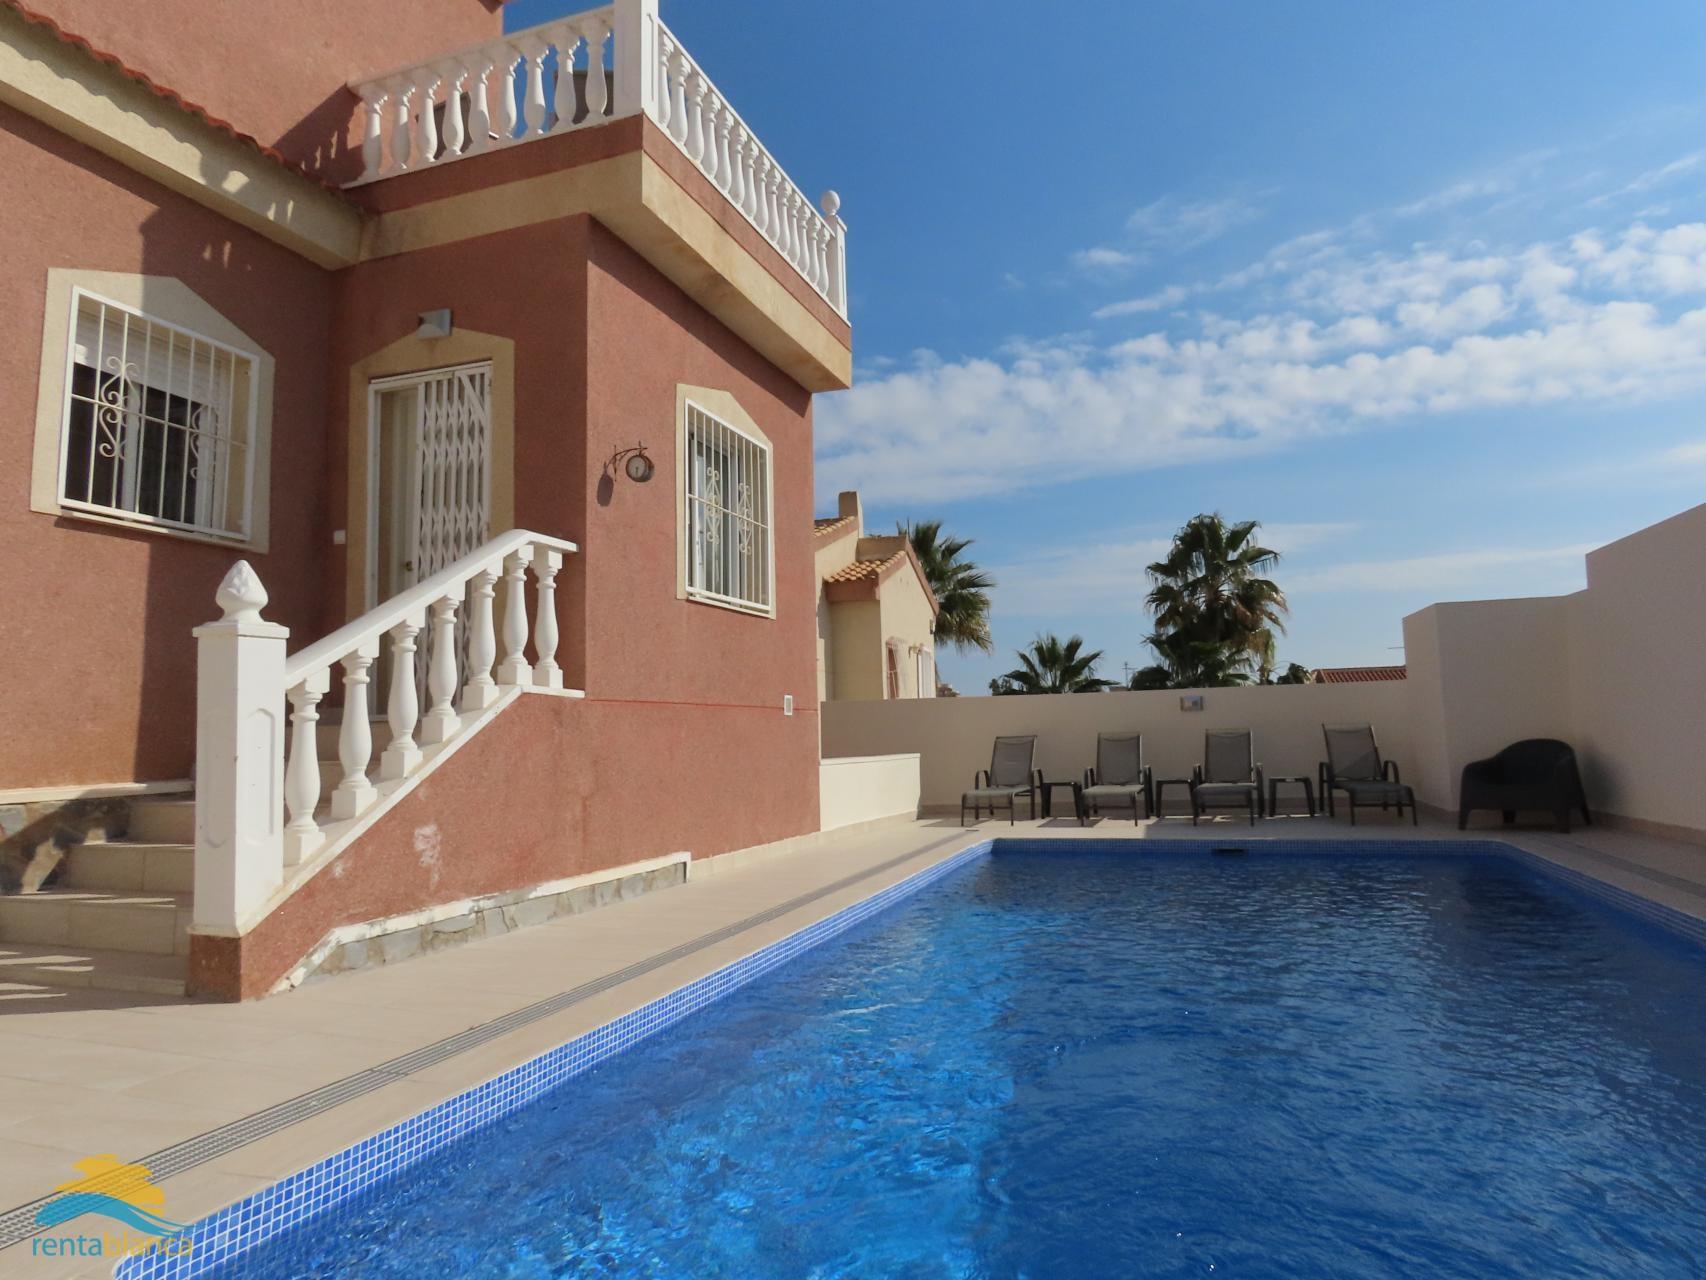 Villa Los Continentes 6-8 pers - Rojales - Rentablanca